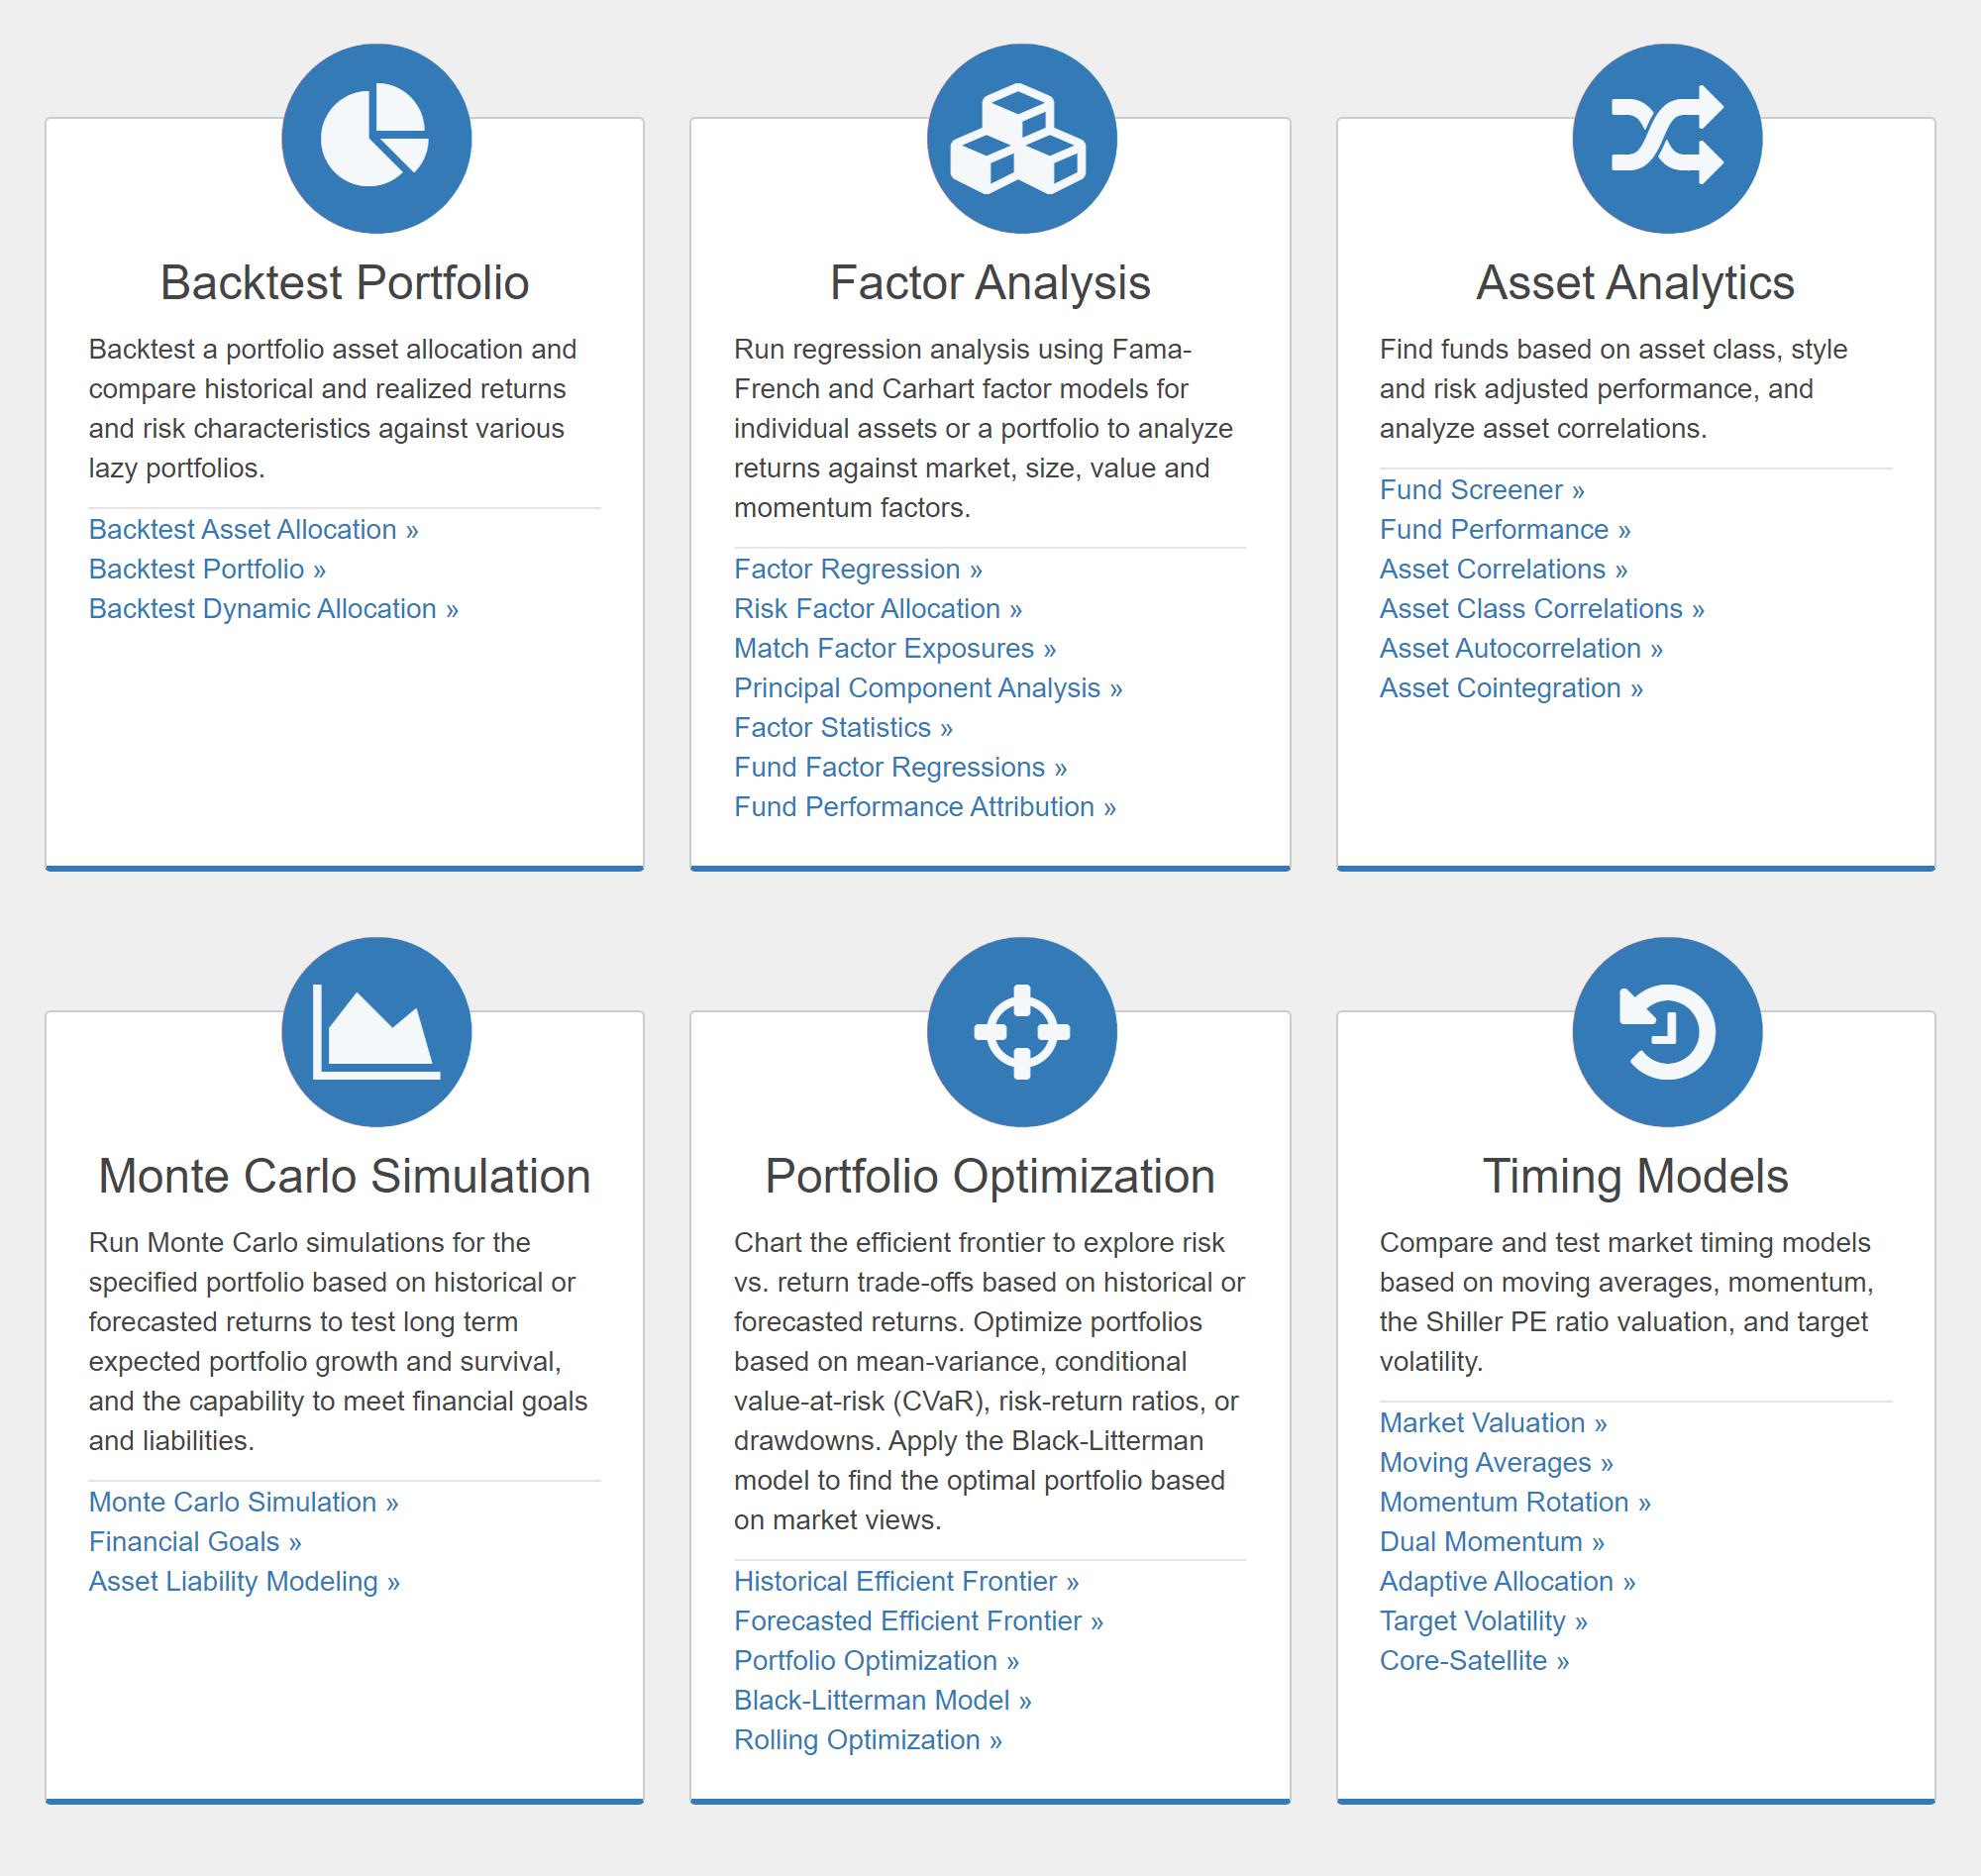 6разделов сервиса Portfolio Visualizer дляпрофессионального анализа портфеля. Насинтересует первый